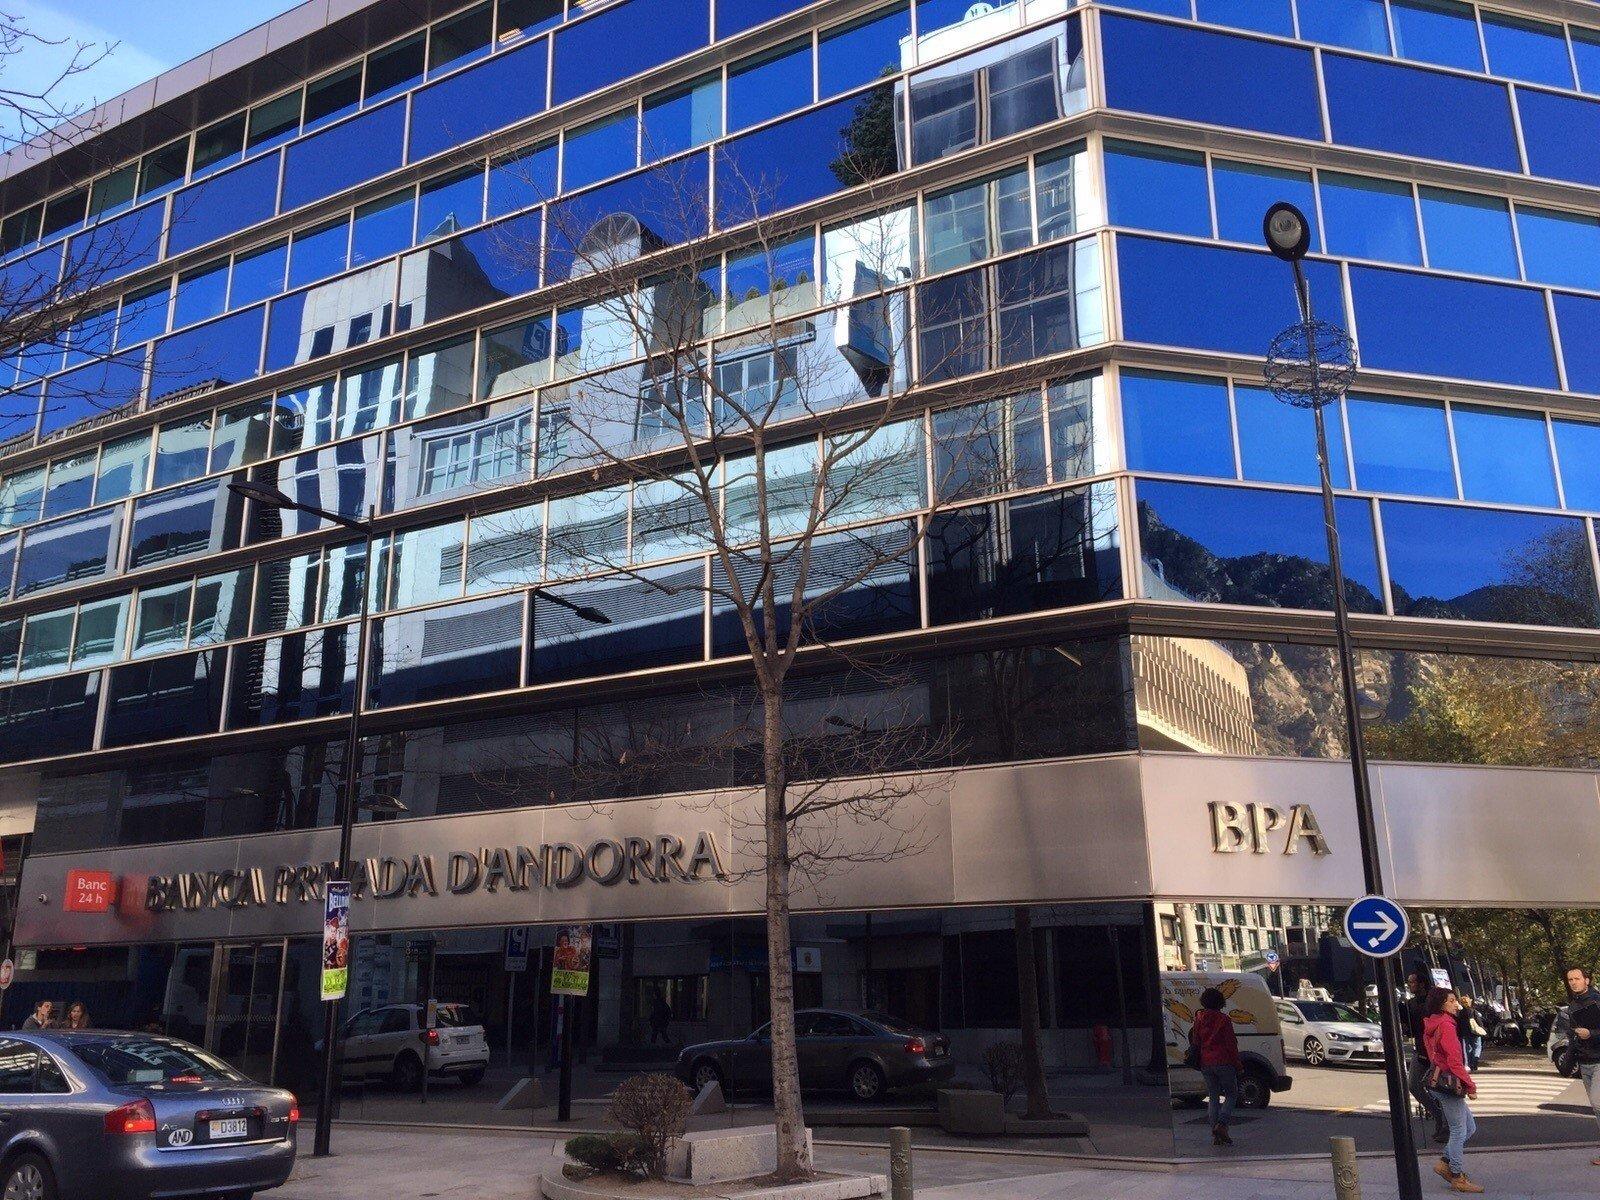 Banca-Privada-Andorra-BPA-EuropaPress